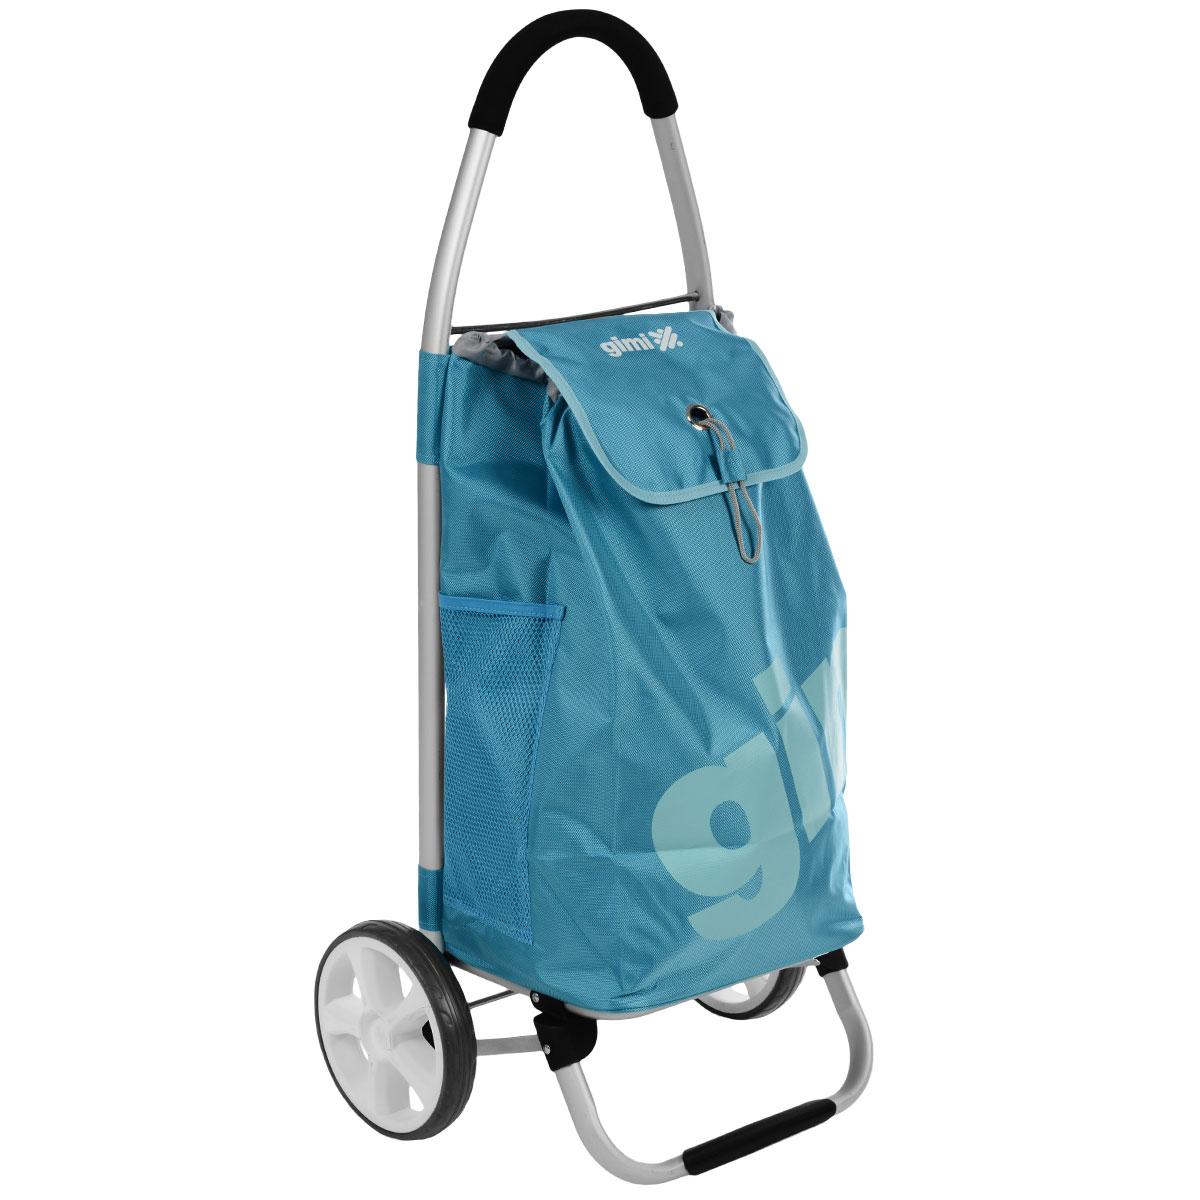 Сумка-тележка Gimi Galaxy, цвет: голубойIR-F1-WХозяйственная сумка-тележка Gimi Galaxy - это очень мощная сумка-тележка длясамых непроходимых дорог и любой непогоды. Легкий каркас из алюминия снадежной подножкой и дополнительными перемычками на основании дляповышенной прочности, тщательно изготовленные детали из высокопрочногополимера.Колеса облегченные, со скользящей втулкой для лучшего вращения. Покрытиеколес изготовлено из севилена - износостойкого и морозоустойчивого материала.Широкая горловина сумки затягивается на кулиску и накрывается клапаном соригинальной застежкой. Внутри сумки - вставное пластиковое дно для жесткостии придания формы. Водоустойчивая сумка увеличенной толщины оснащена заднимкарманом на молнии и 2 боковыми карманами-сетками. Ручка с покрытием softtouch.Максимальная грузоподъемность: 30 кг.Вместимость сумки: 50 л.Размеры (вместе с тележкой): 47 х 37 х 102 см.Высота сумки: 60 см.Ширина сумки: 36 см.Глубина сумки: 23 см.